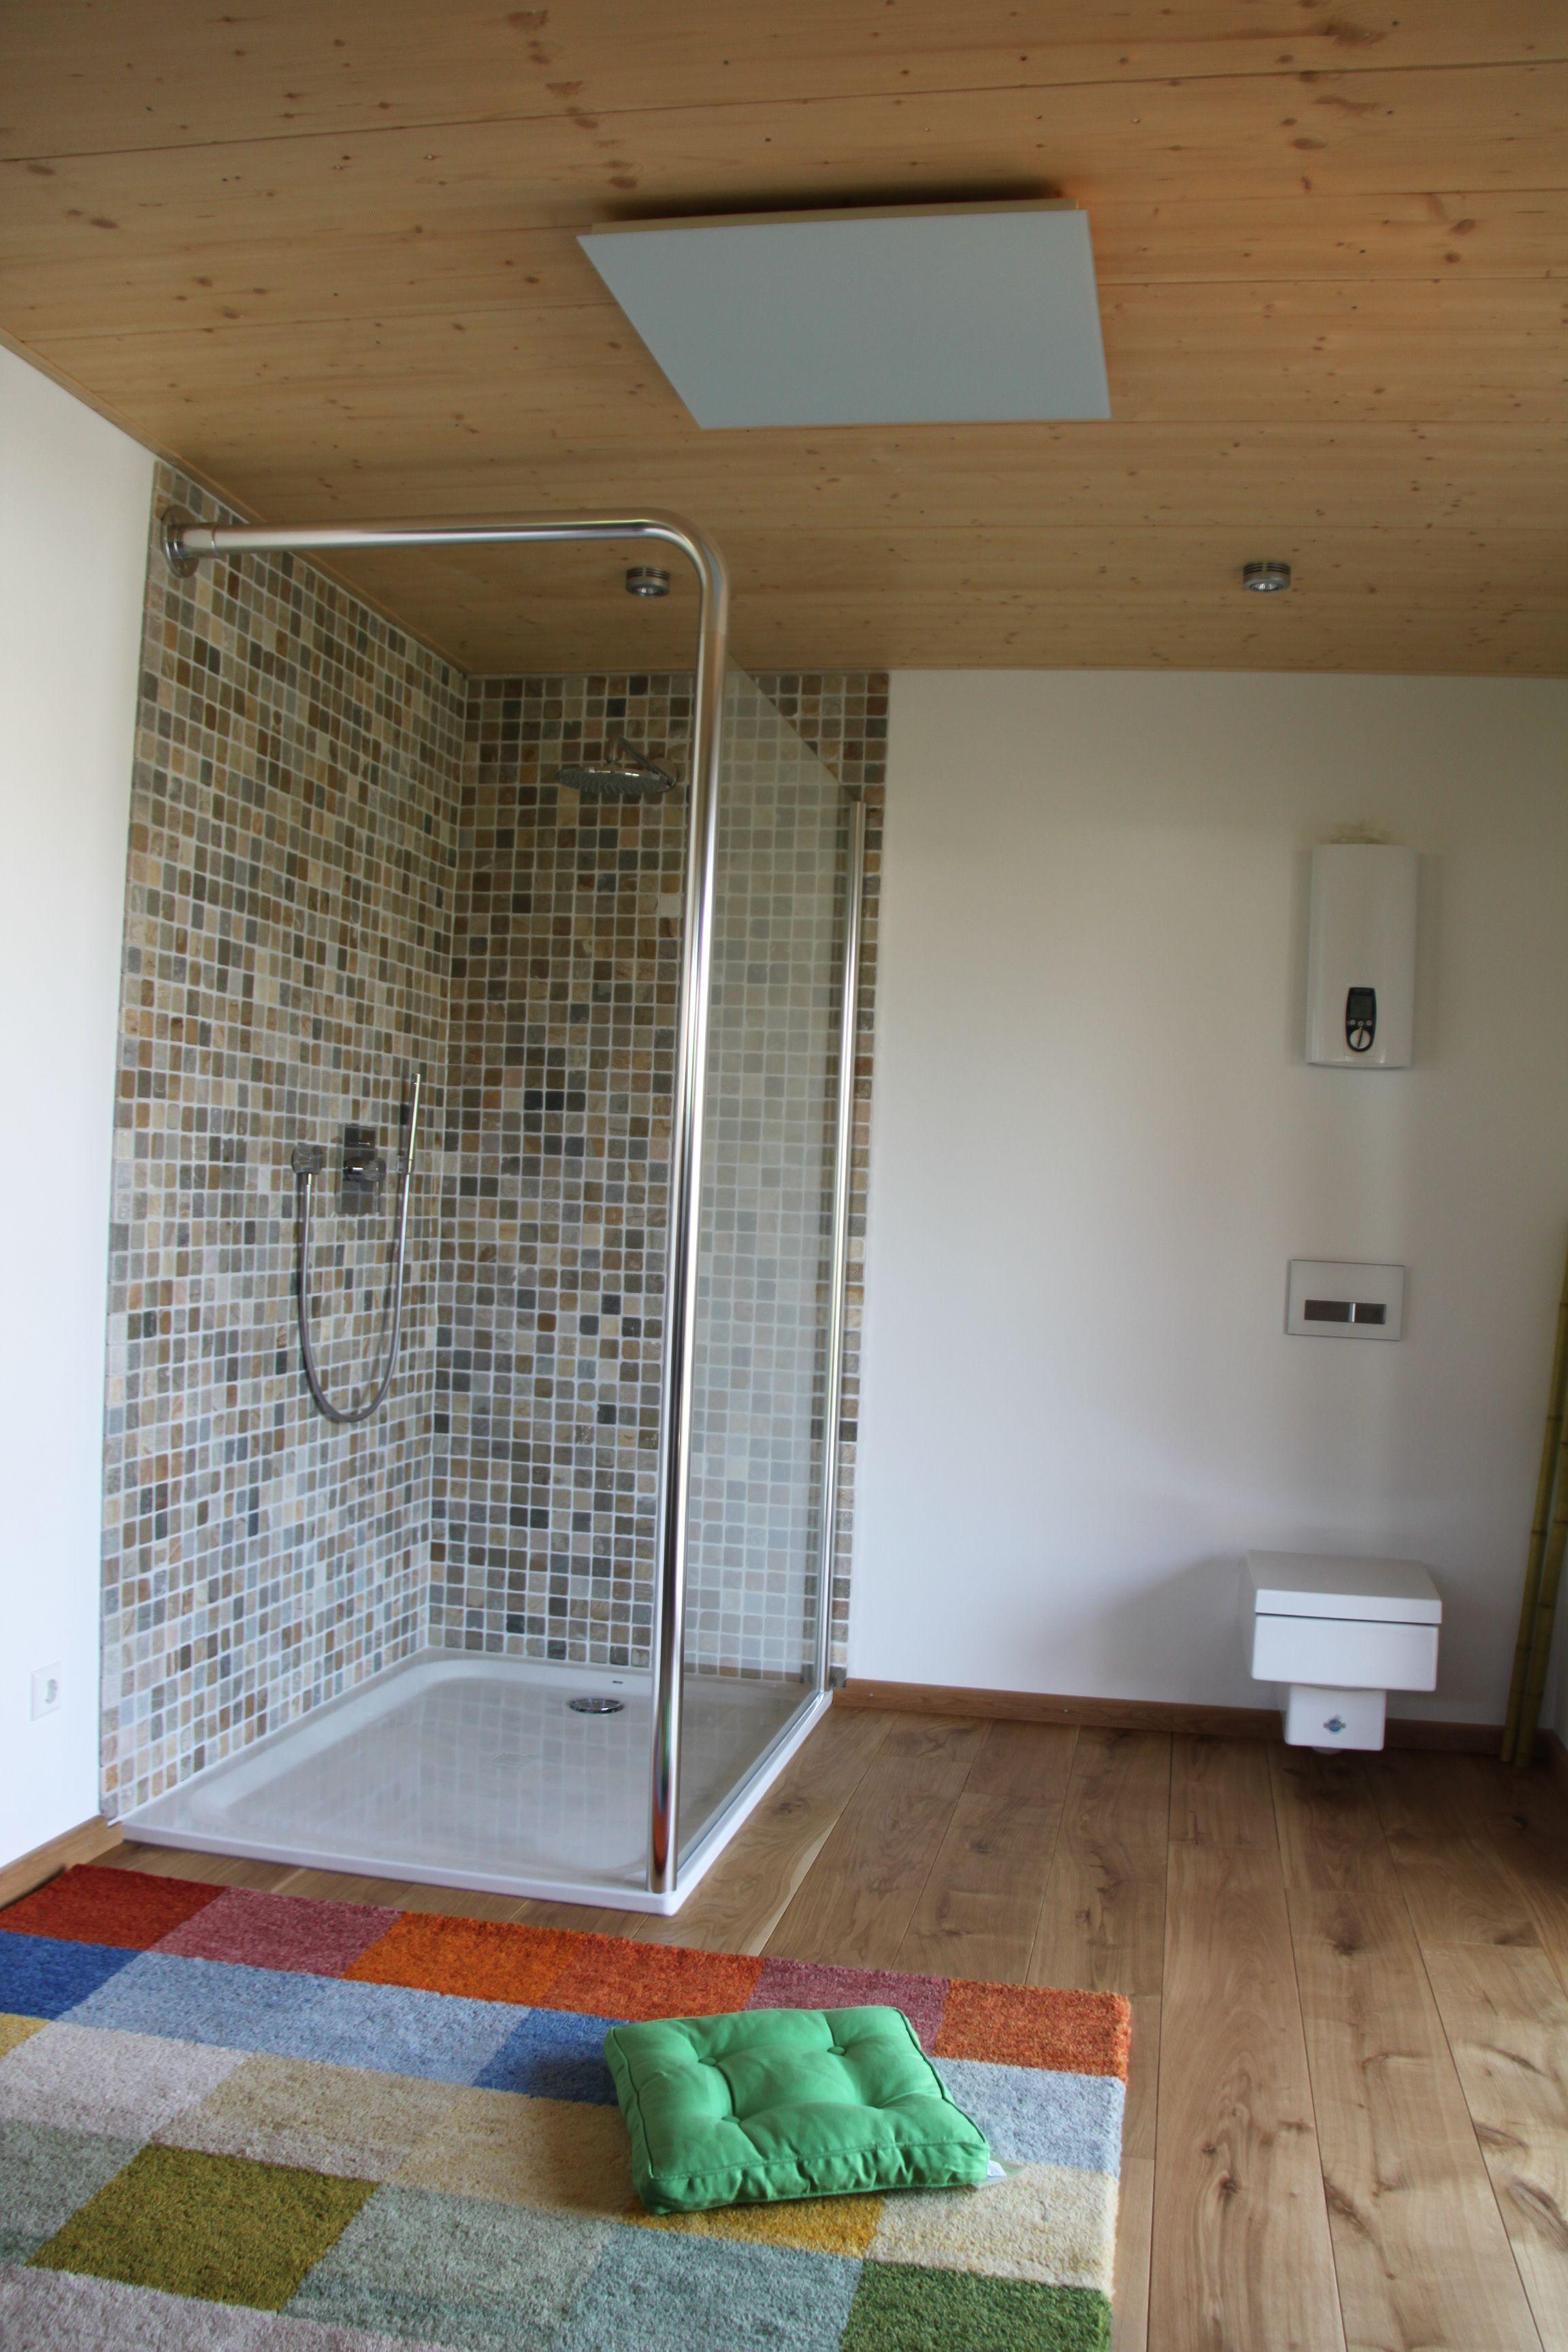 Infrarotheizung Installiert Auf Einer Holzdecke Sorgt Fur Behagliche Warme Im Badezimmer Schimmelbildung Wird Verhindert Infrarotheizung Badezimmer Heizung